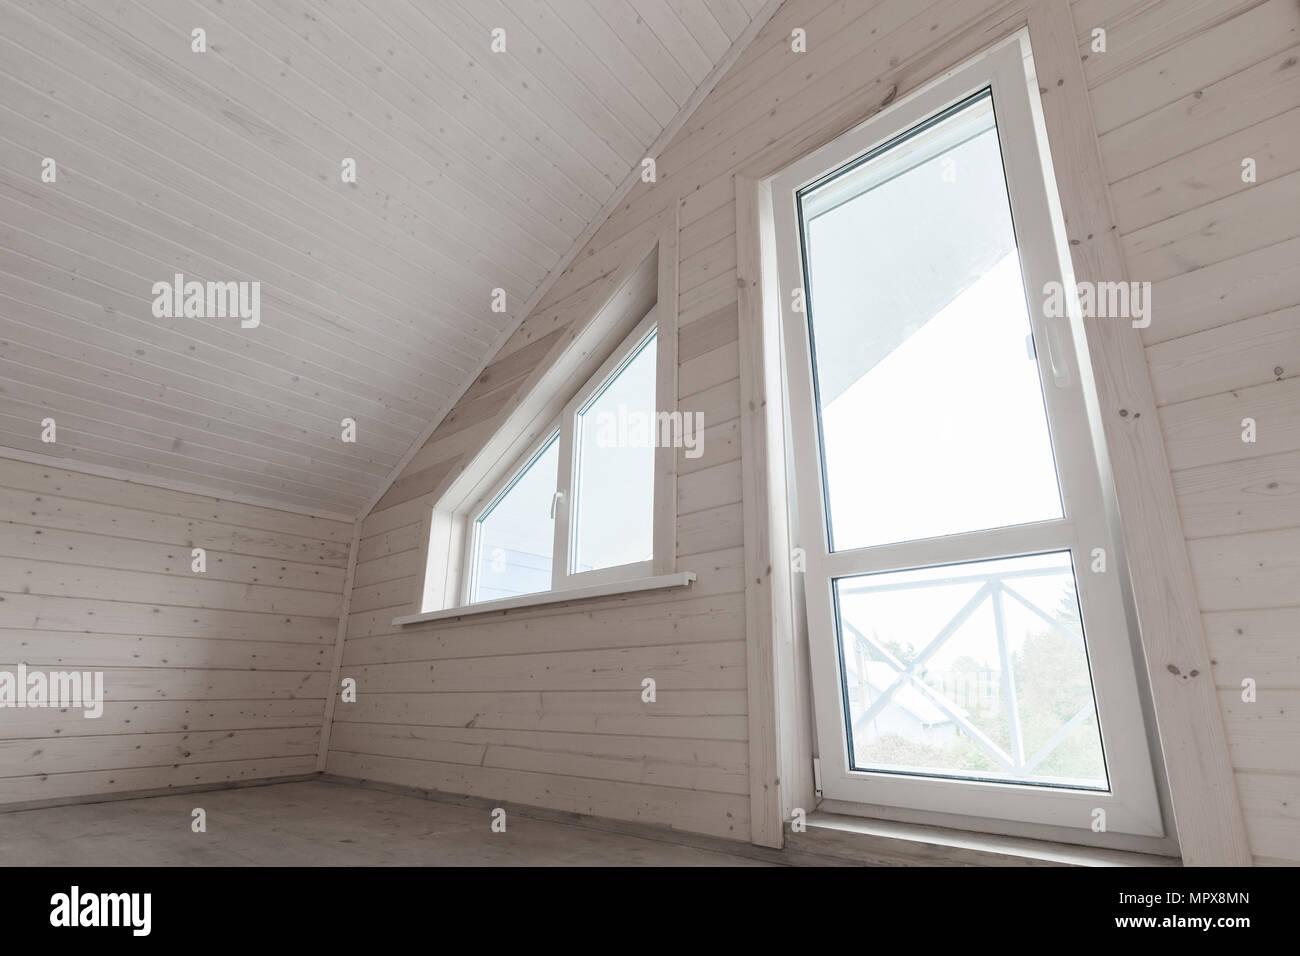 Leere wei e neue holzhaus innenraum dachgeschoss zimmer mit fenster und balkont r stockfoto - Balkontur mit fenster verbinden ...